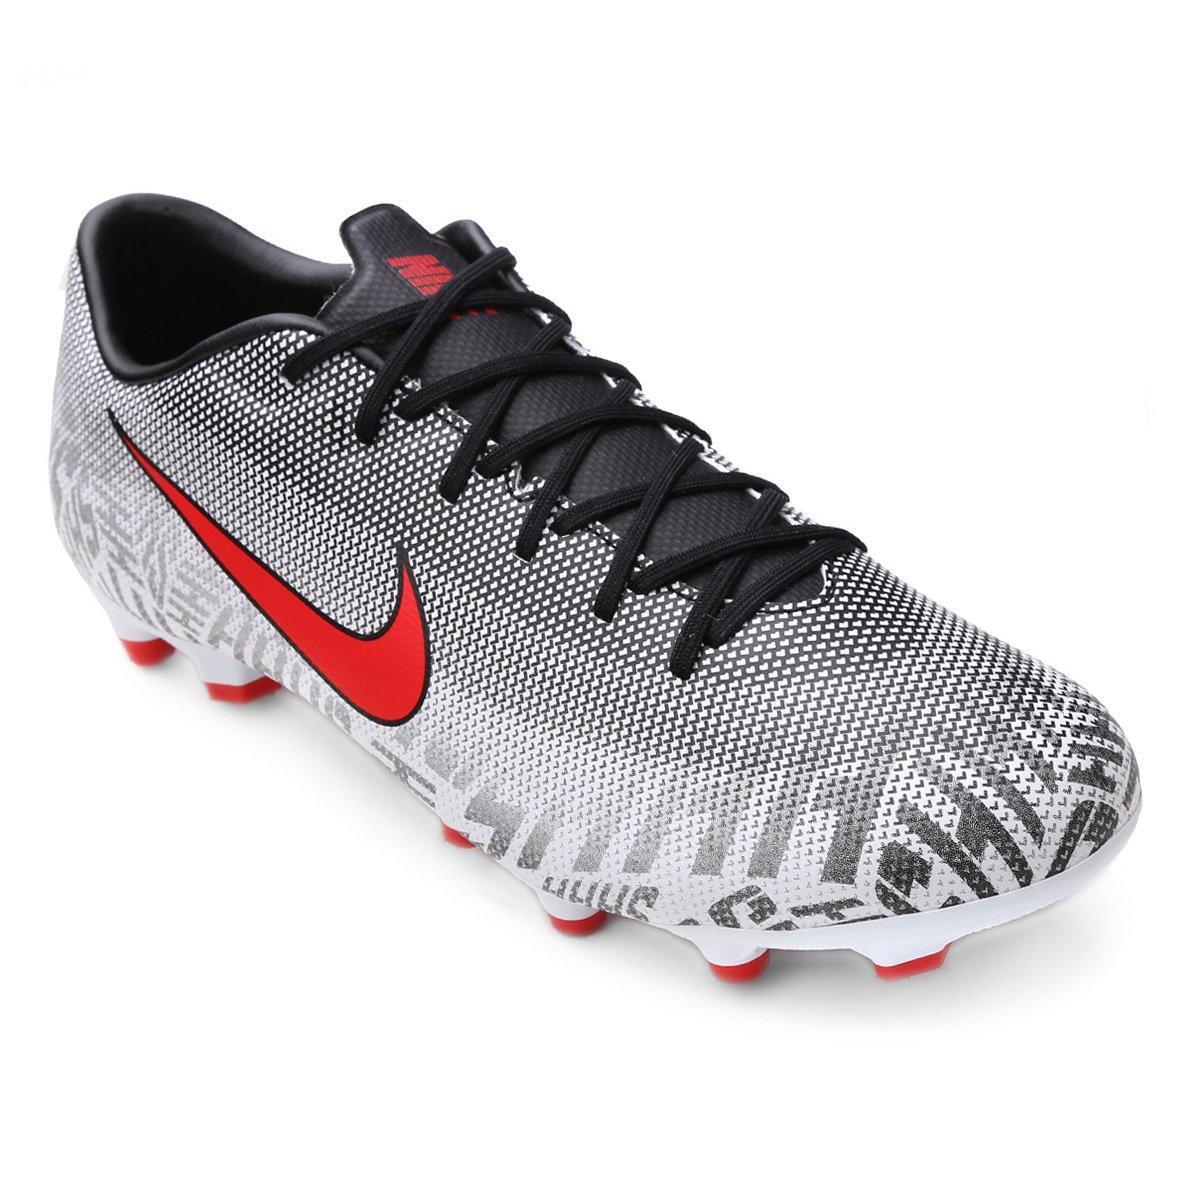 ed2fee9cb0 Chuteira Campo Nike Mercurial Vapor 12 Academy Neymar Jr FG - Branco e  Vermelho